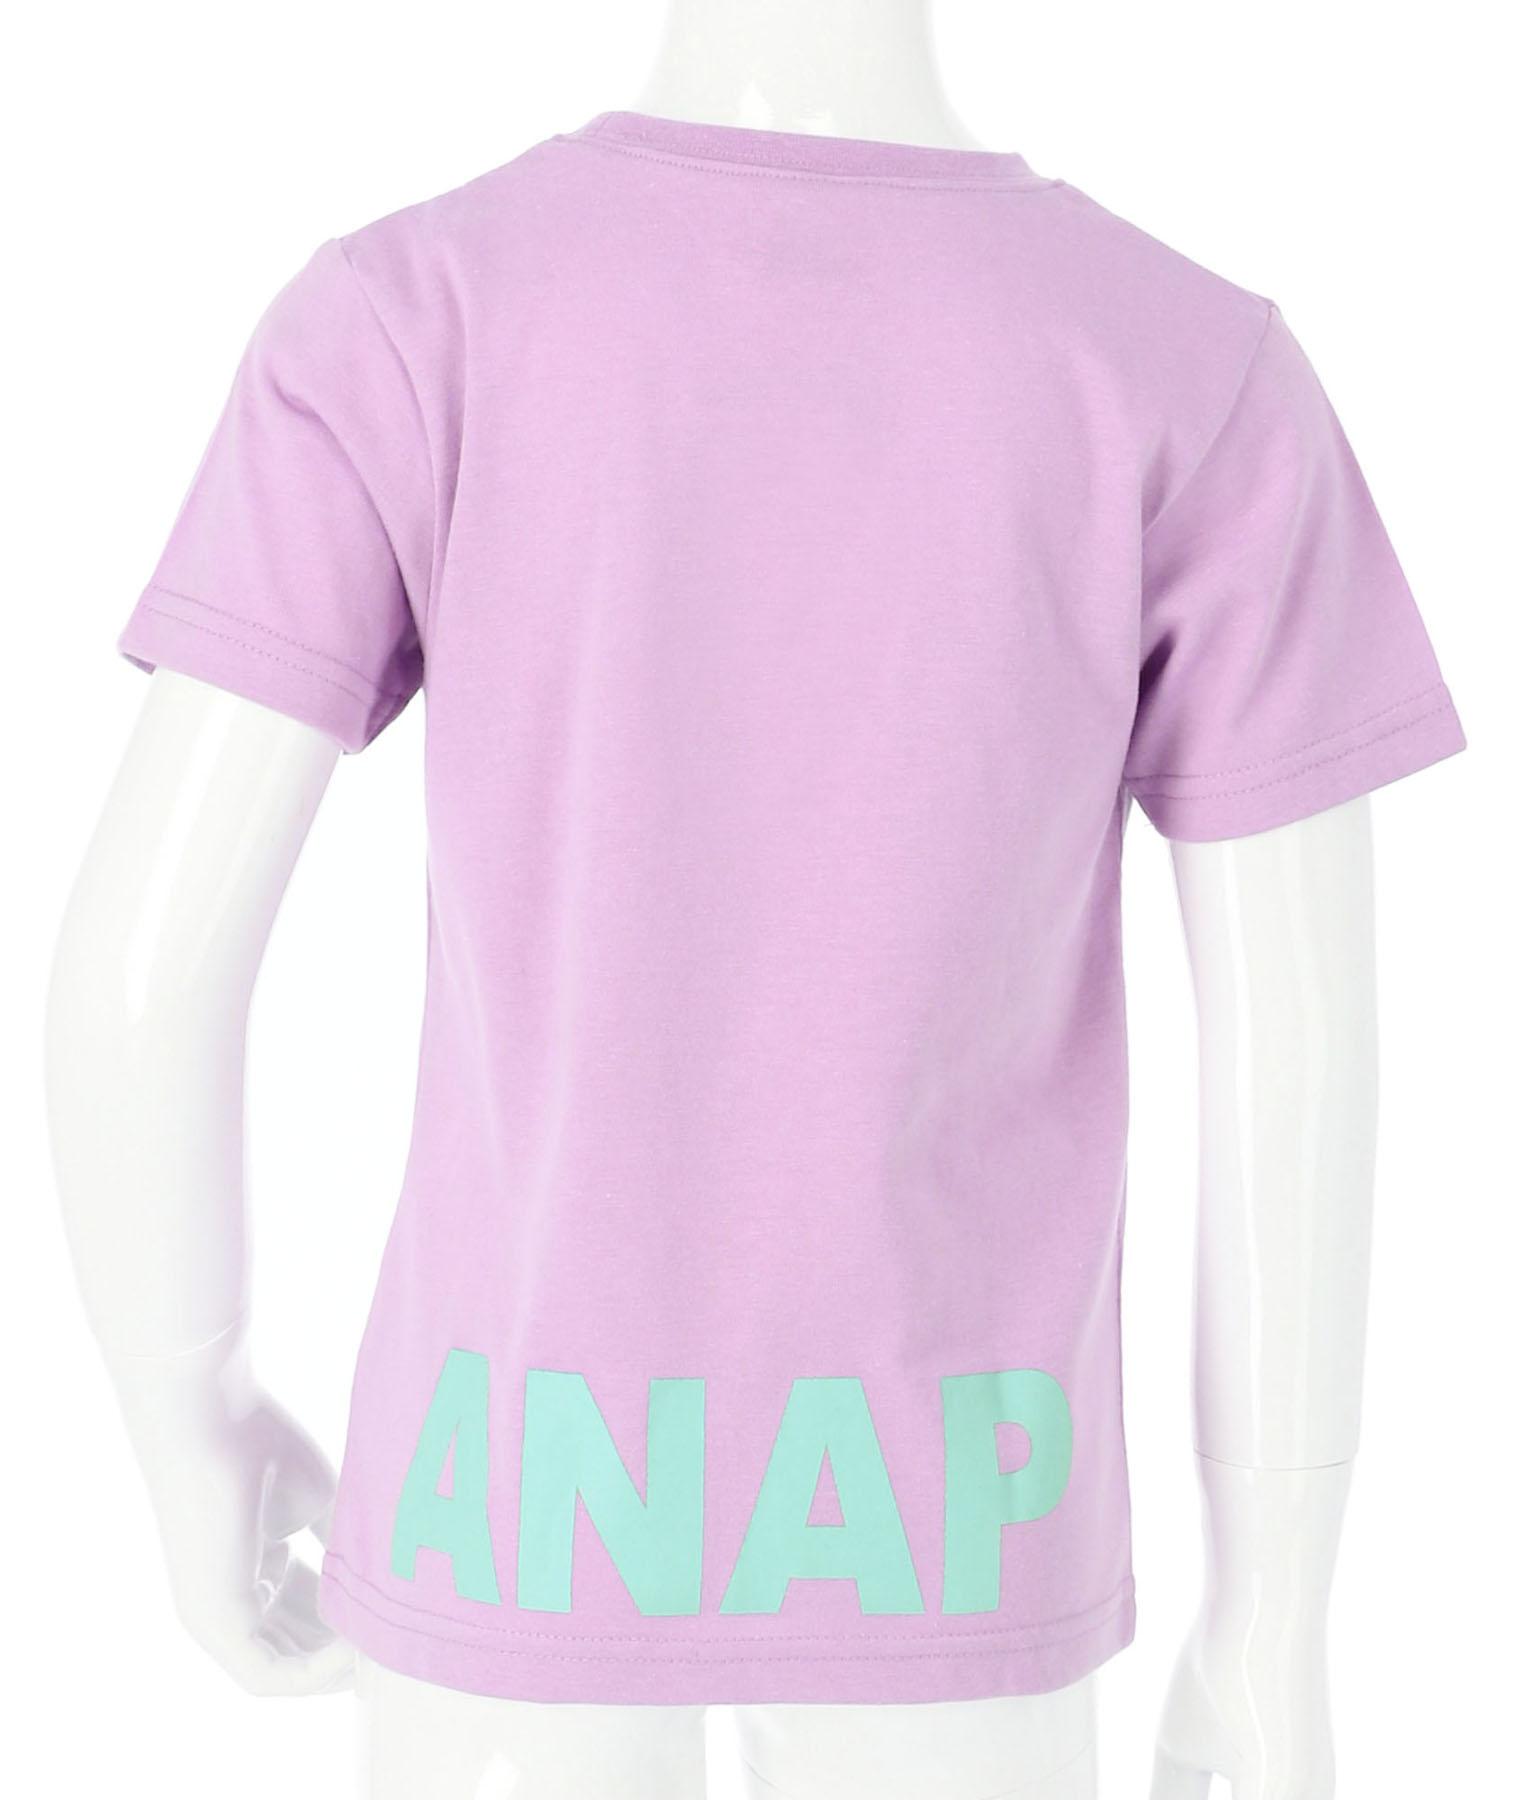 サマーワンポイントTシャツ(トップス/Tシャツ)   ANAP KIDS